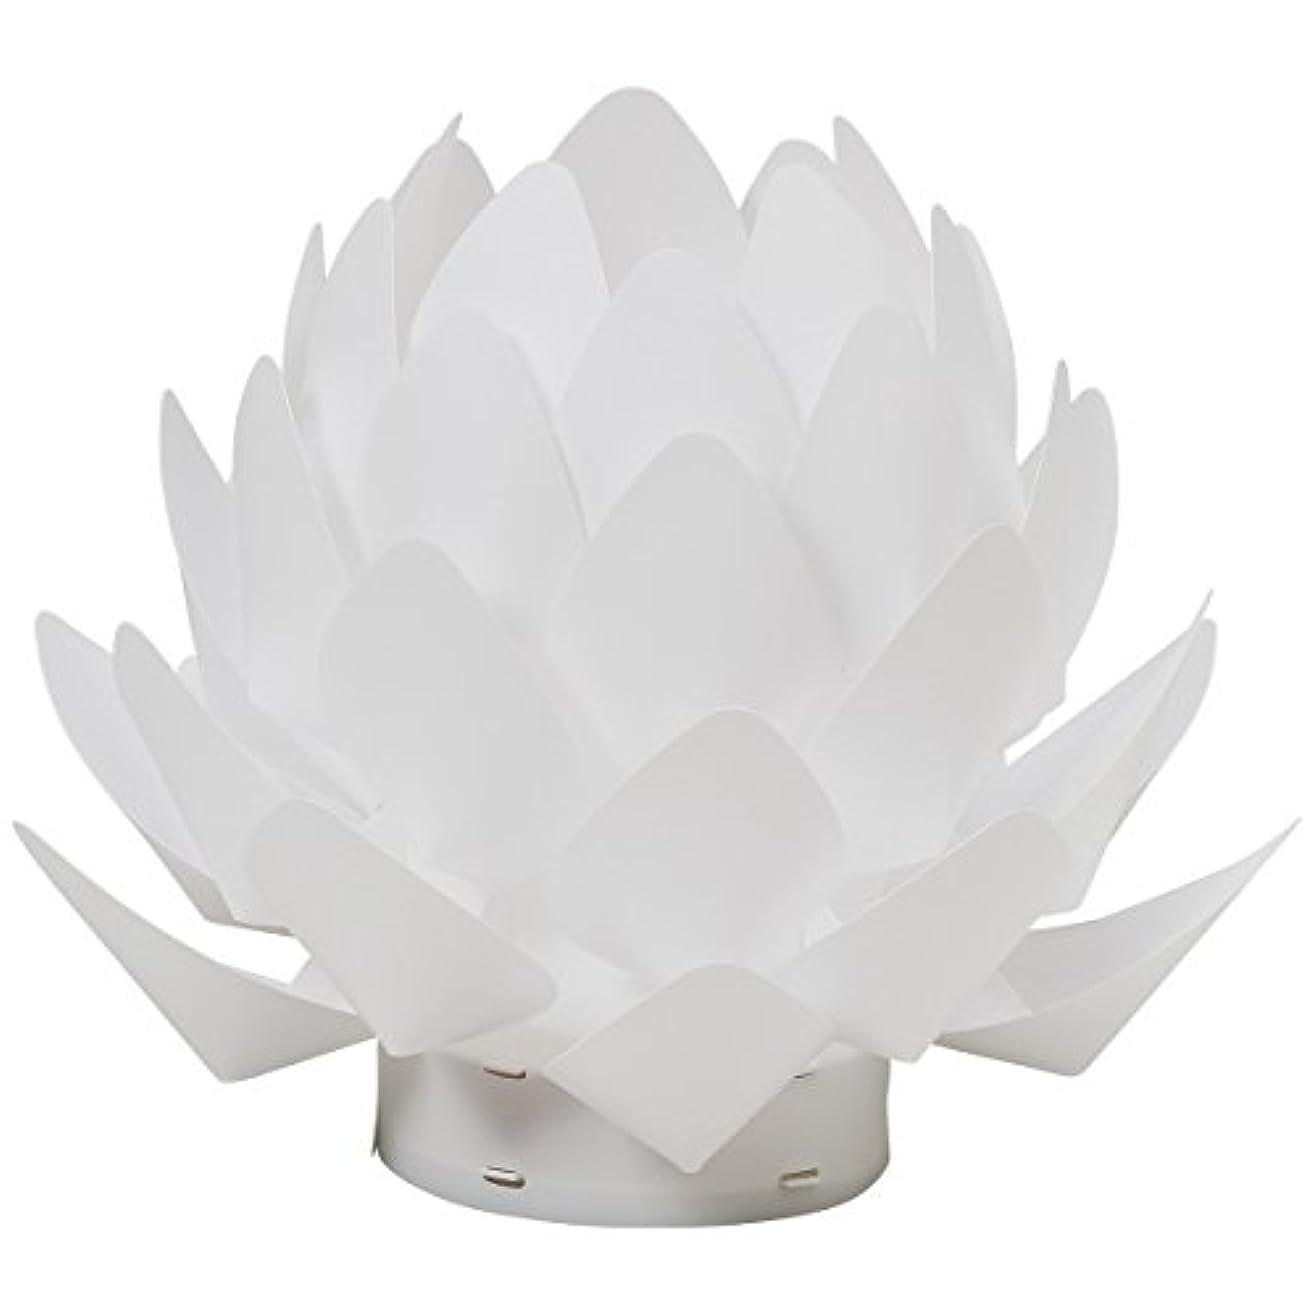 フィードの間でパークカメヤマ 盆提灯 Origami-lite 蓮花 XS (間接照明)